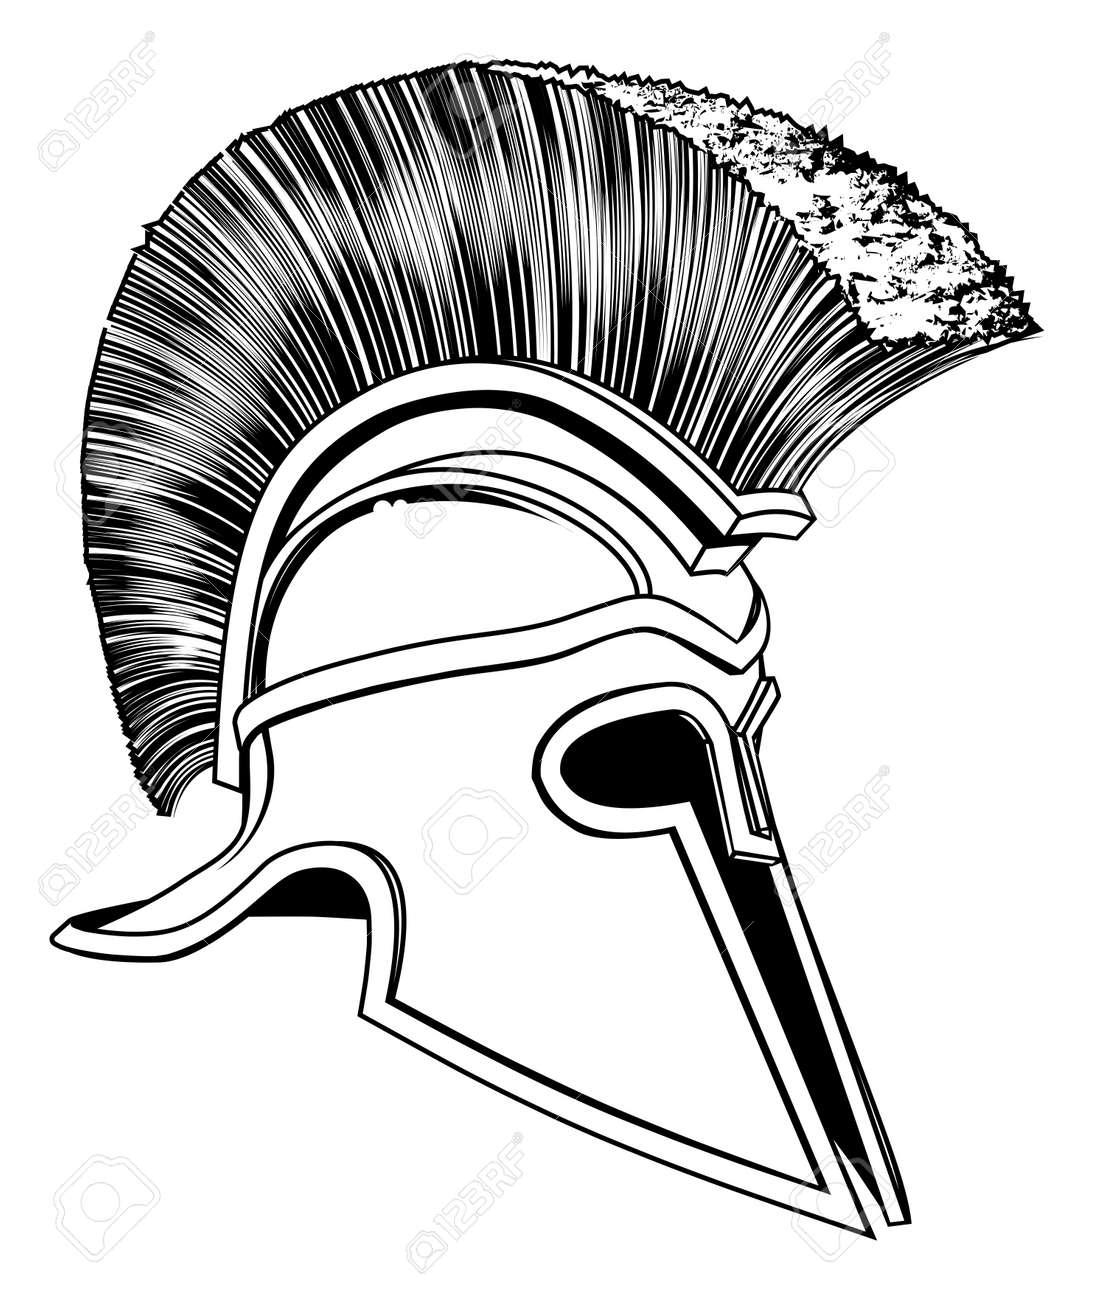 graphic of a bronze trojan helmet spartan helmet roman helmet